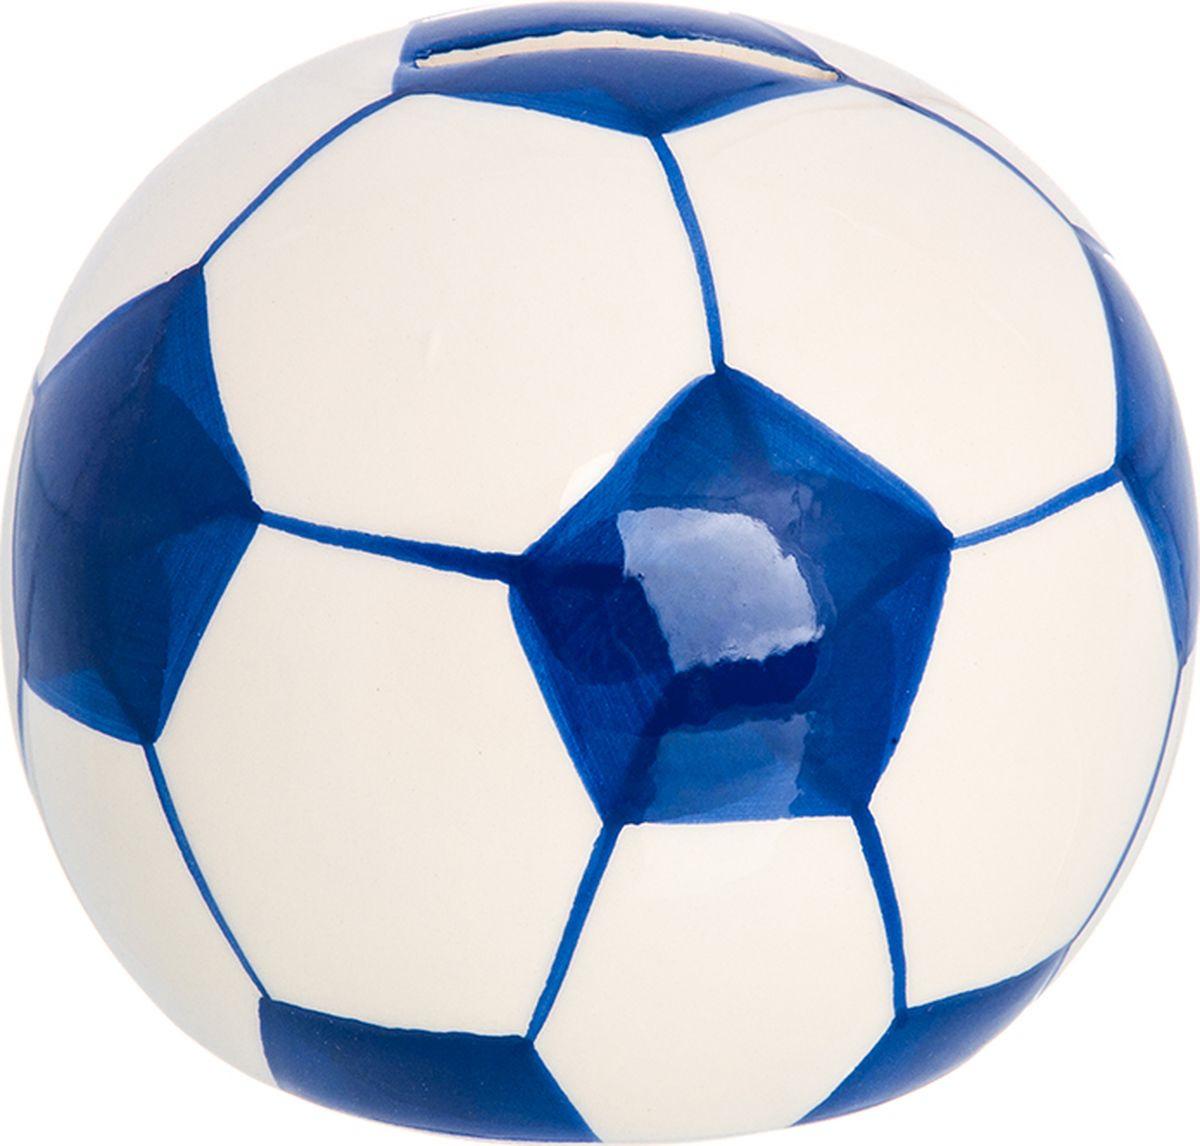 Днем рождения, картинки мячей для футбола